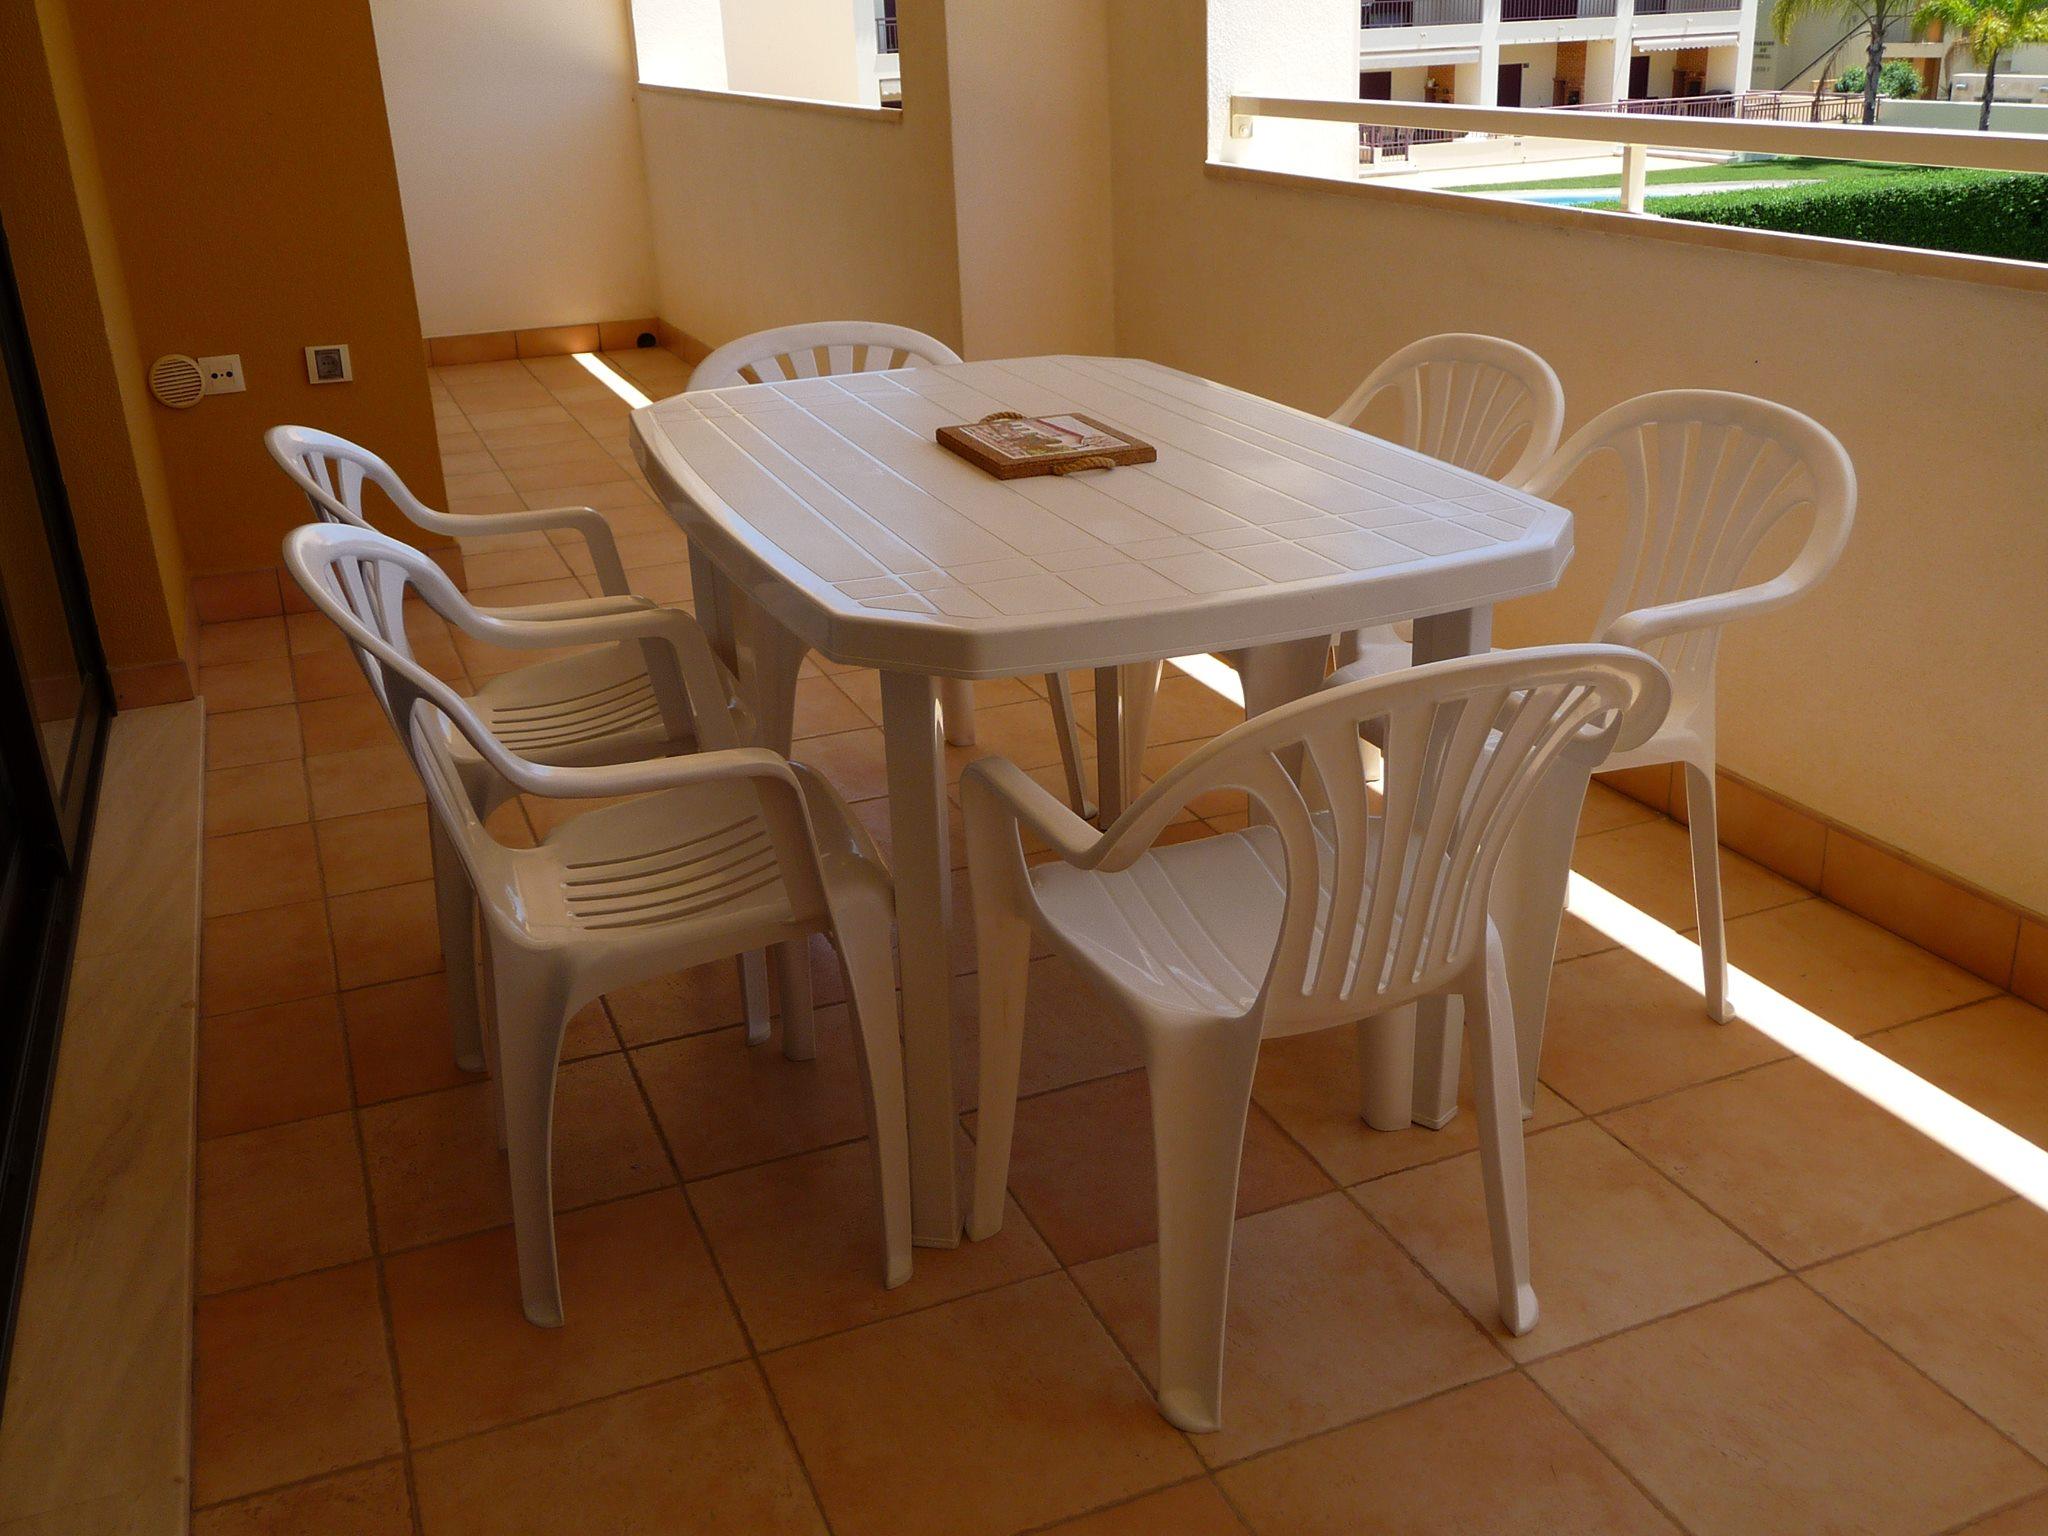 Location appartements et villas de vacance, ATLANTIDA Excellent Appartement à VILAMOURA à Vilamoura, Portugal Algarve, REF_IMG_648_726